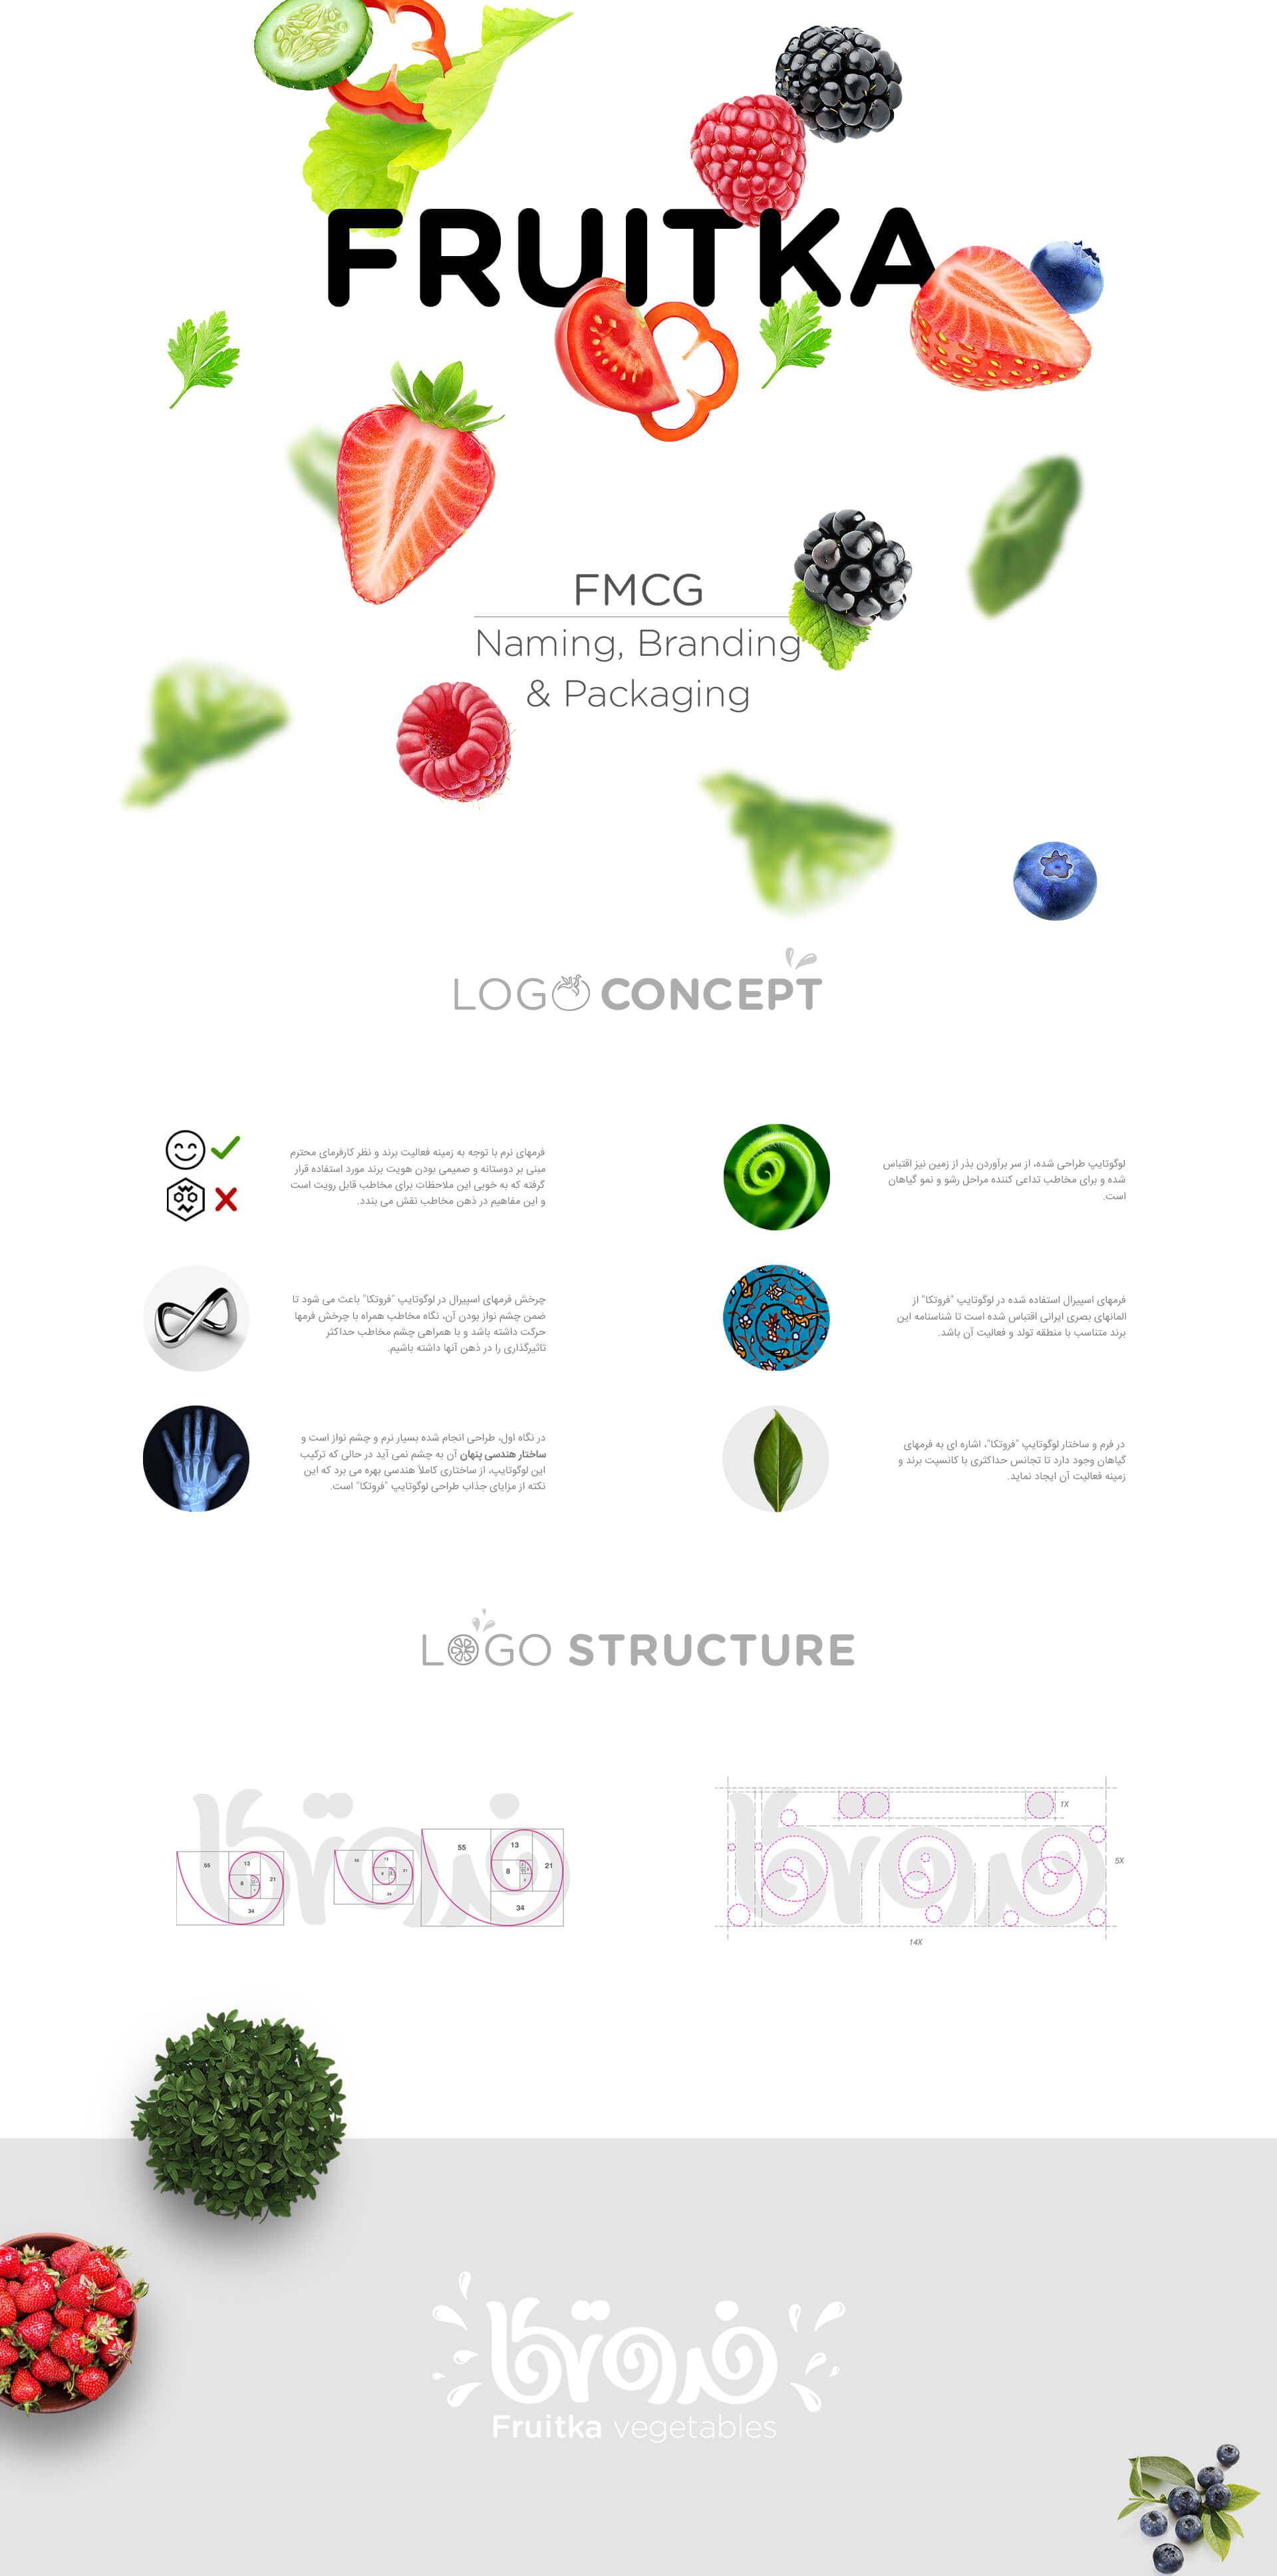 هویت بصری فروتکا، رسانه، تبلیغات، آژانس تبلیغاتی، هویت بصری، طراحی هویت بصری، شرکت تبلیغاتی الف، طراحی لوگو، طراحی لوگوتابپ، طراحی ست اداری، طراحی اوراق اداری، کمپین تبلیغاتی، برندینگ